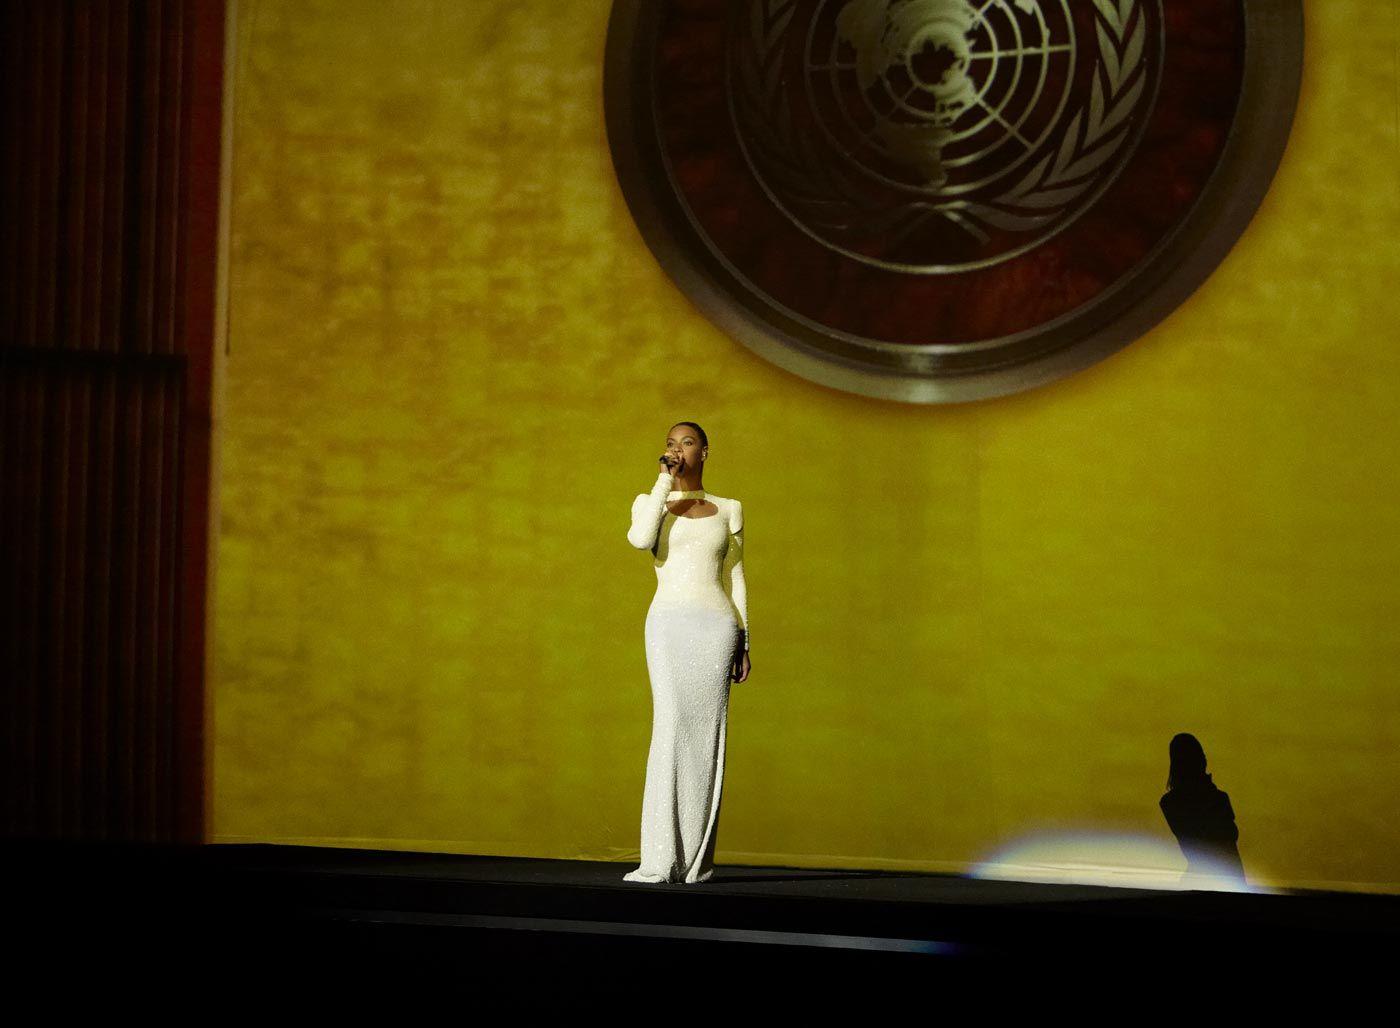 Beyonce Knowles - 0102 28329~17 - HQ Celebrity Pictures / Mais de 500,000 fotos